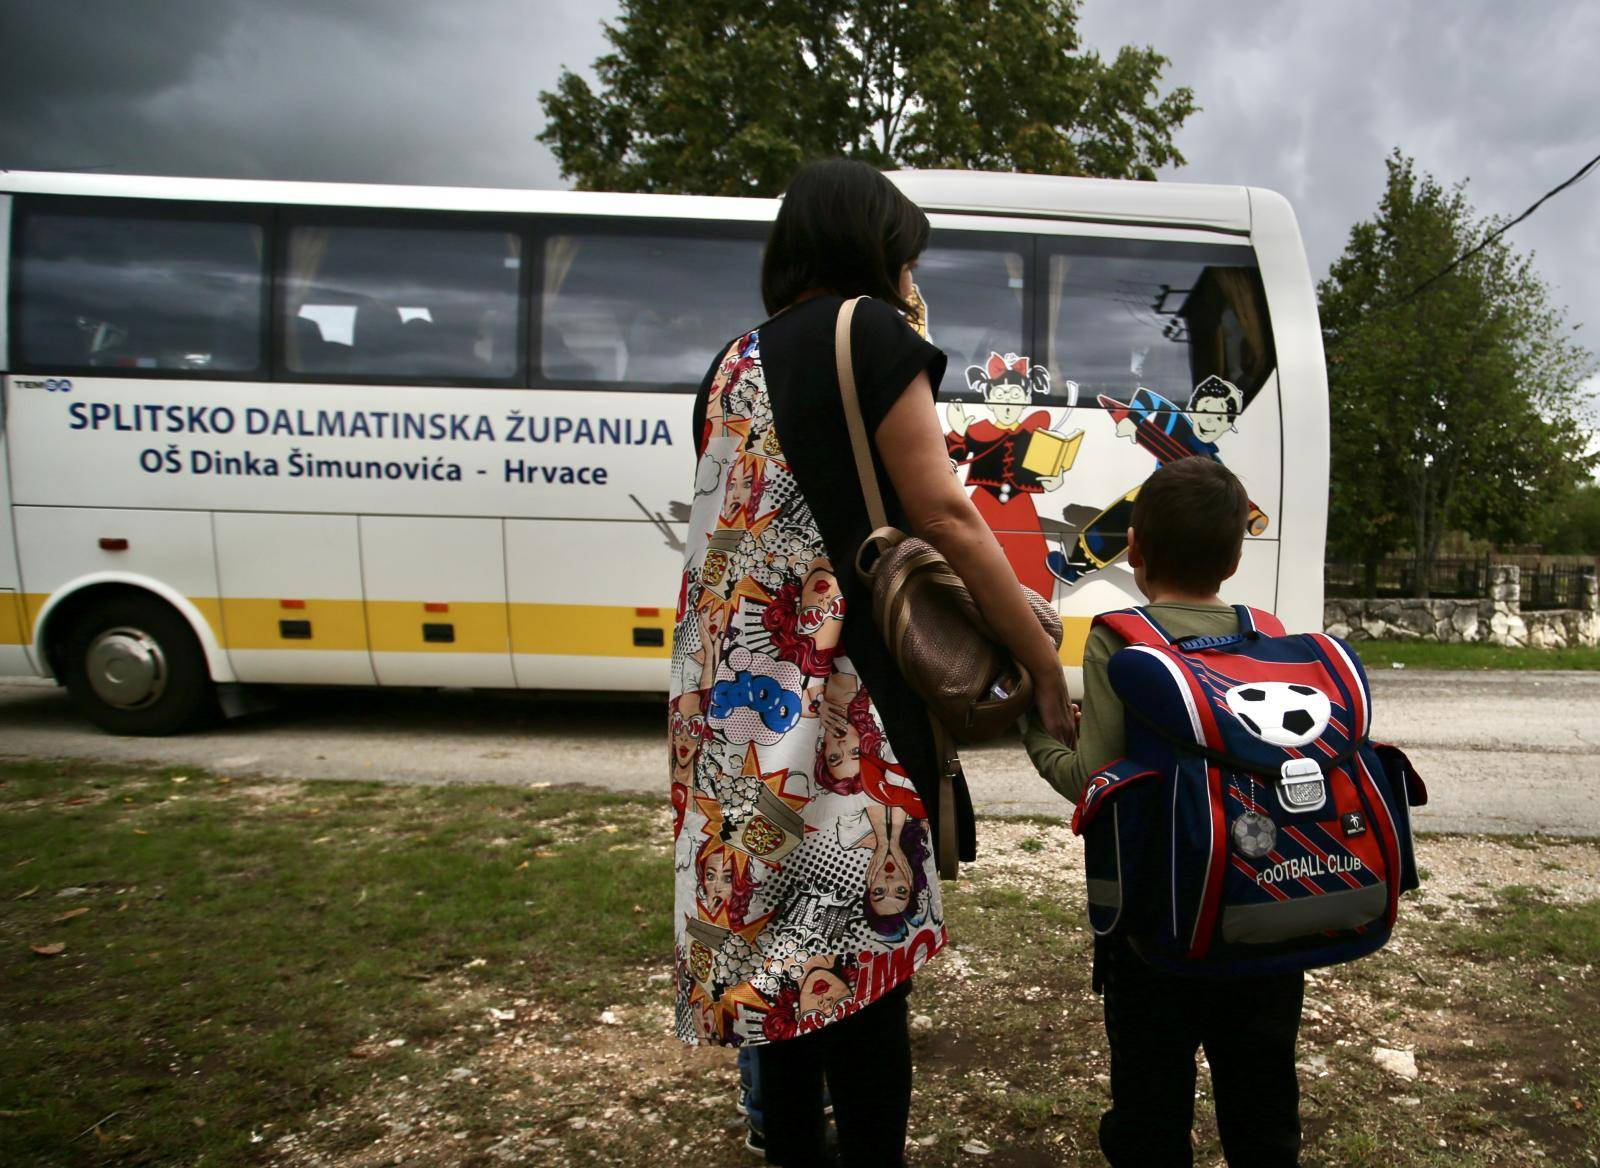 Nikola iz zaseoka Jukići na cesti gleda kako školski bus prolazi. U školu ga zato voze susjedi...